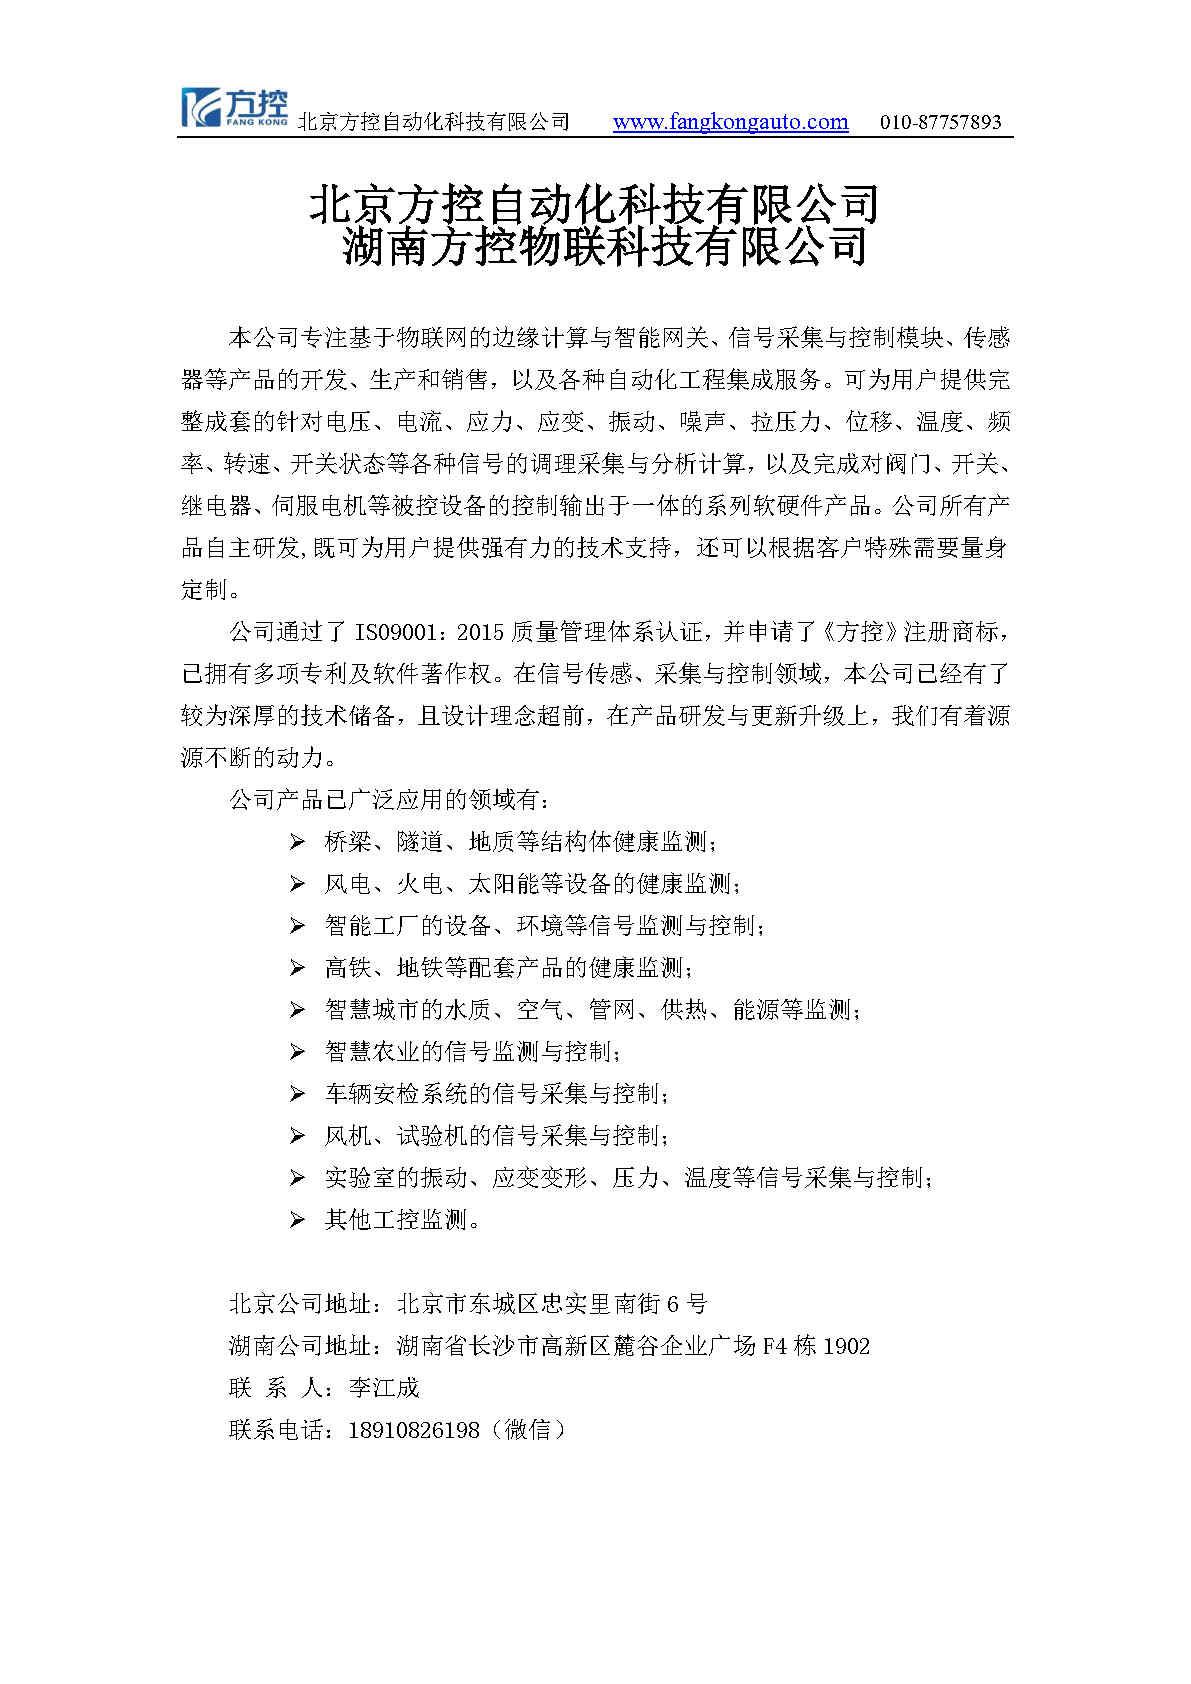 北京方控自动化科技有限公司.jpg